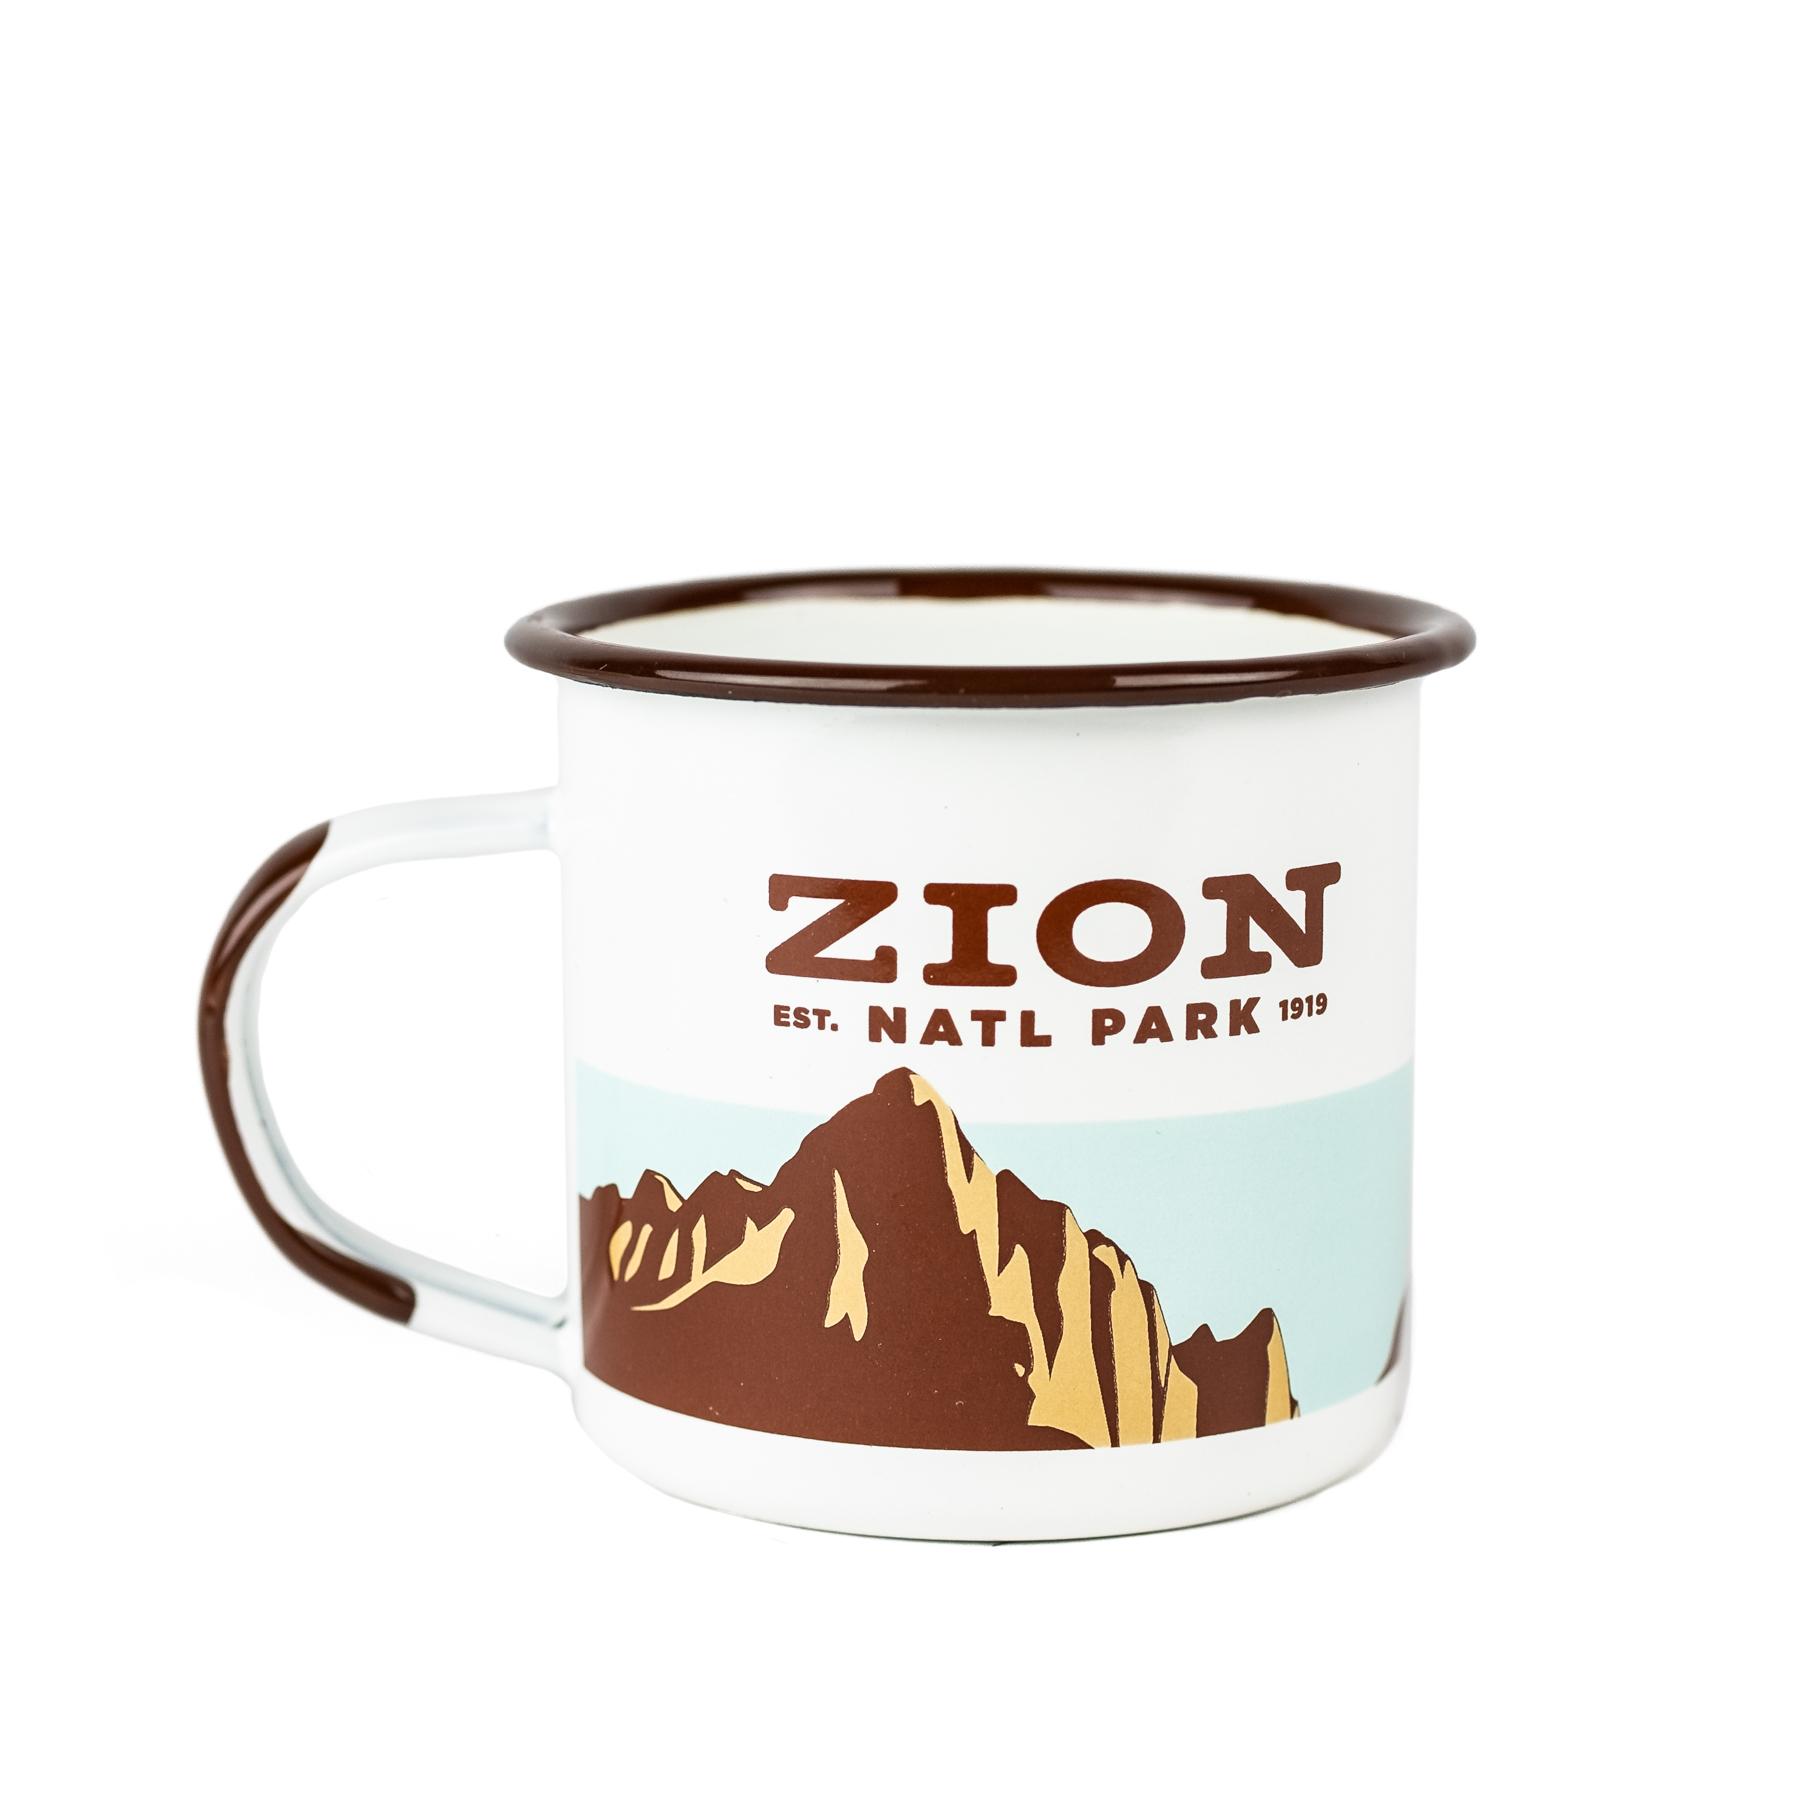 zion-national-park-mug-3.jpg